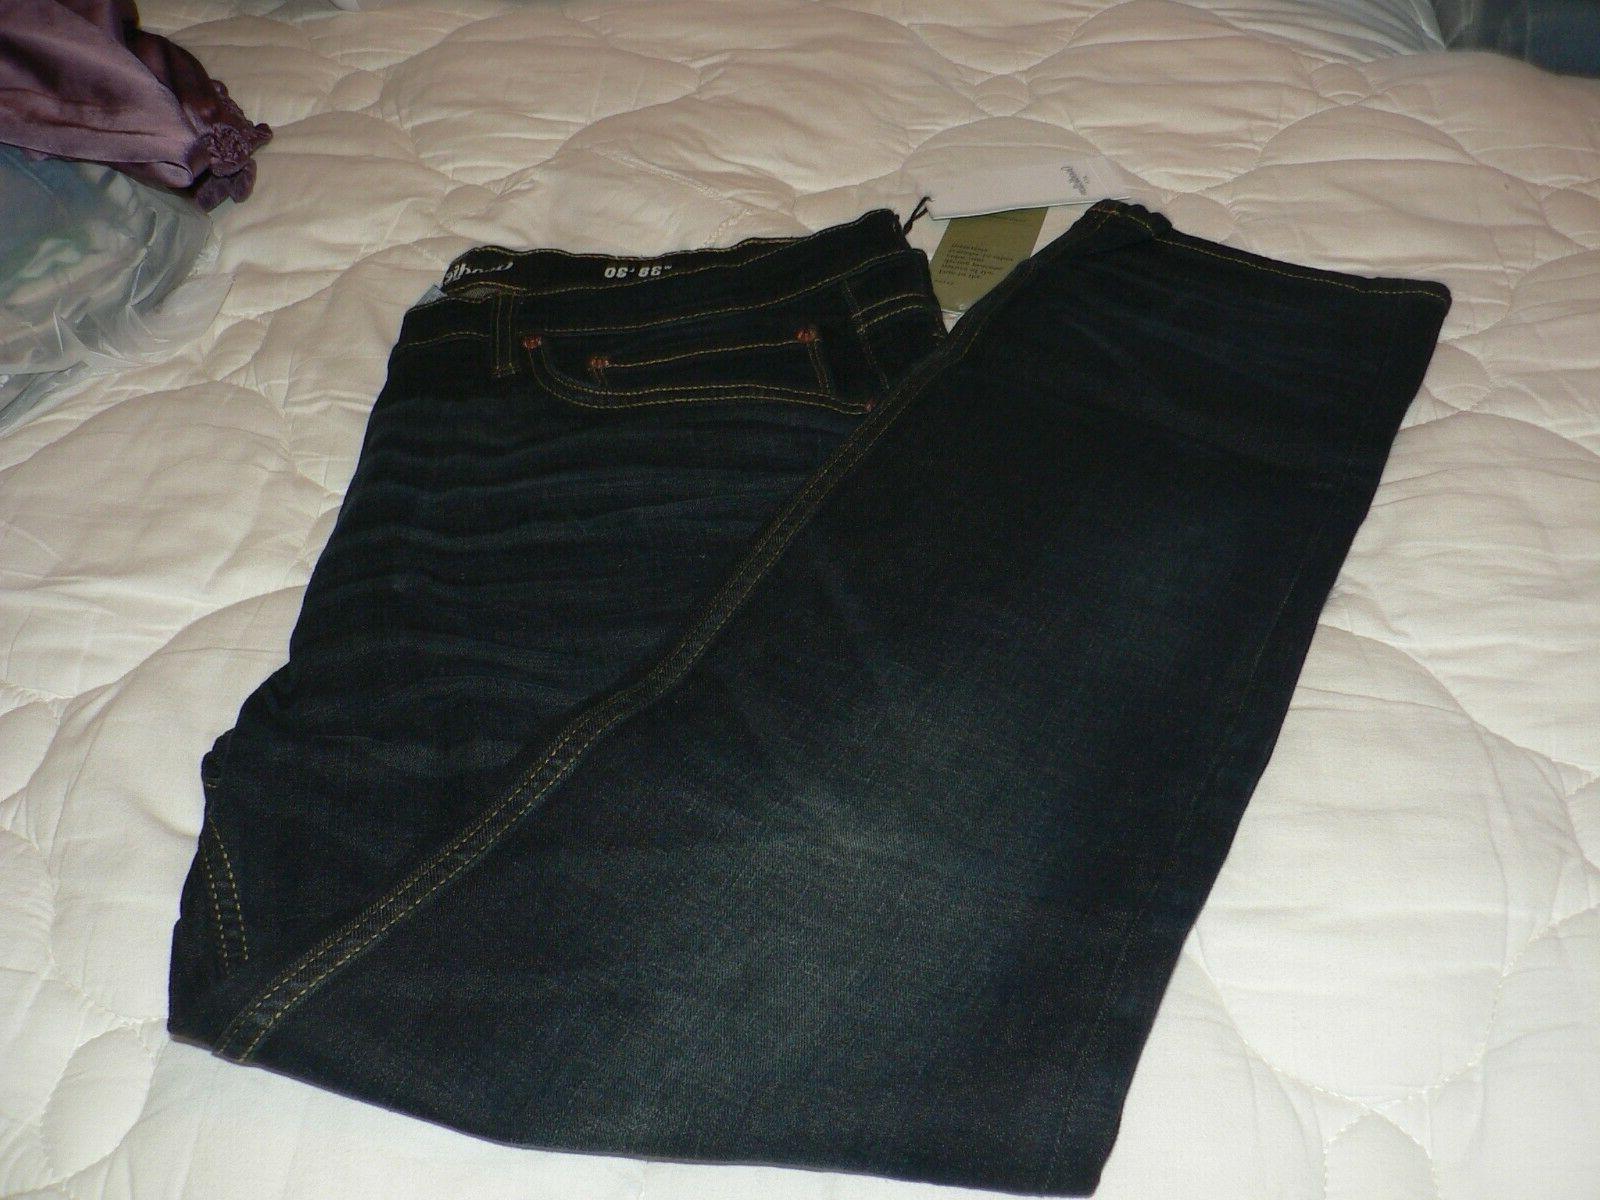 Goodfellow Jeans Skinny